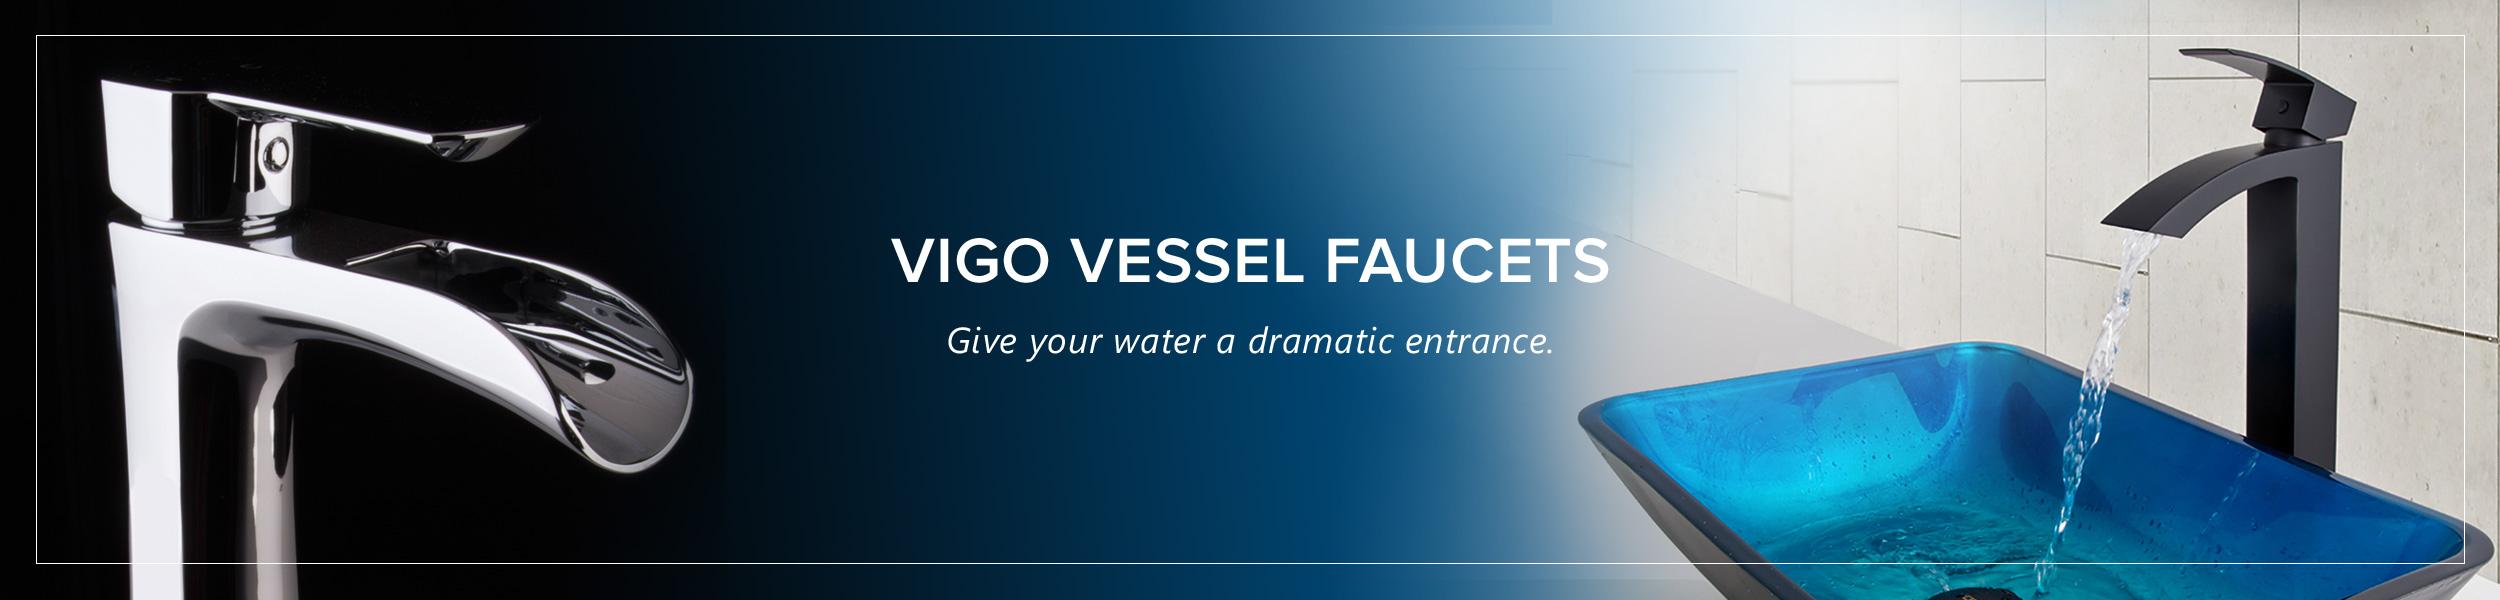 Vessel Faucet